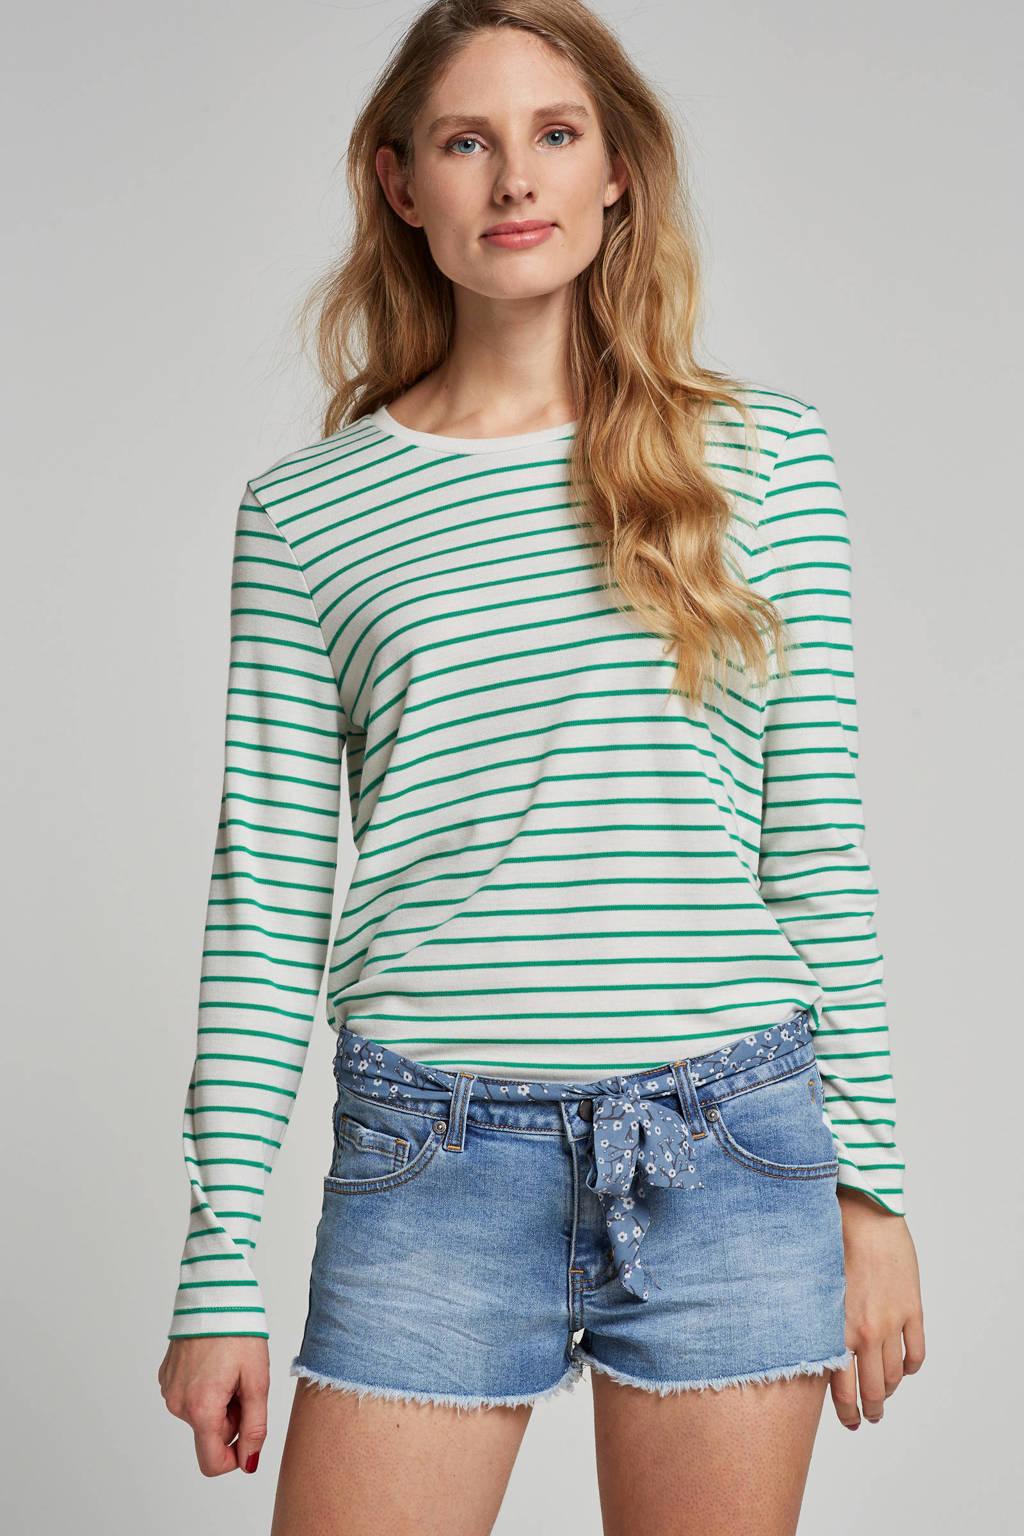 VERO MODA gestreepte trui met anker borduursel, Wit/groen